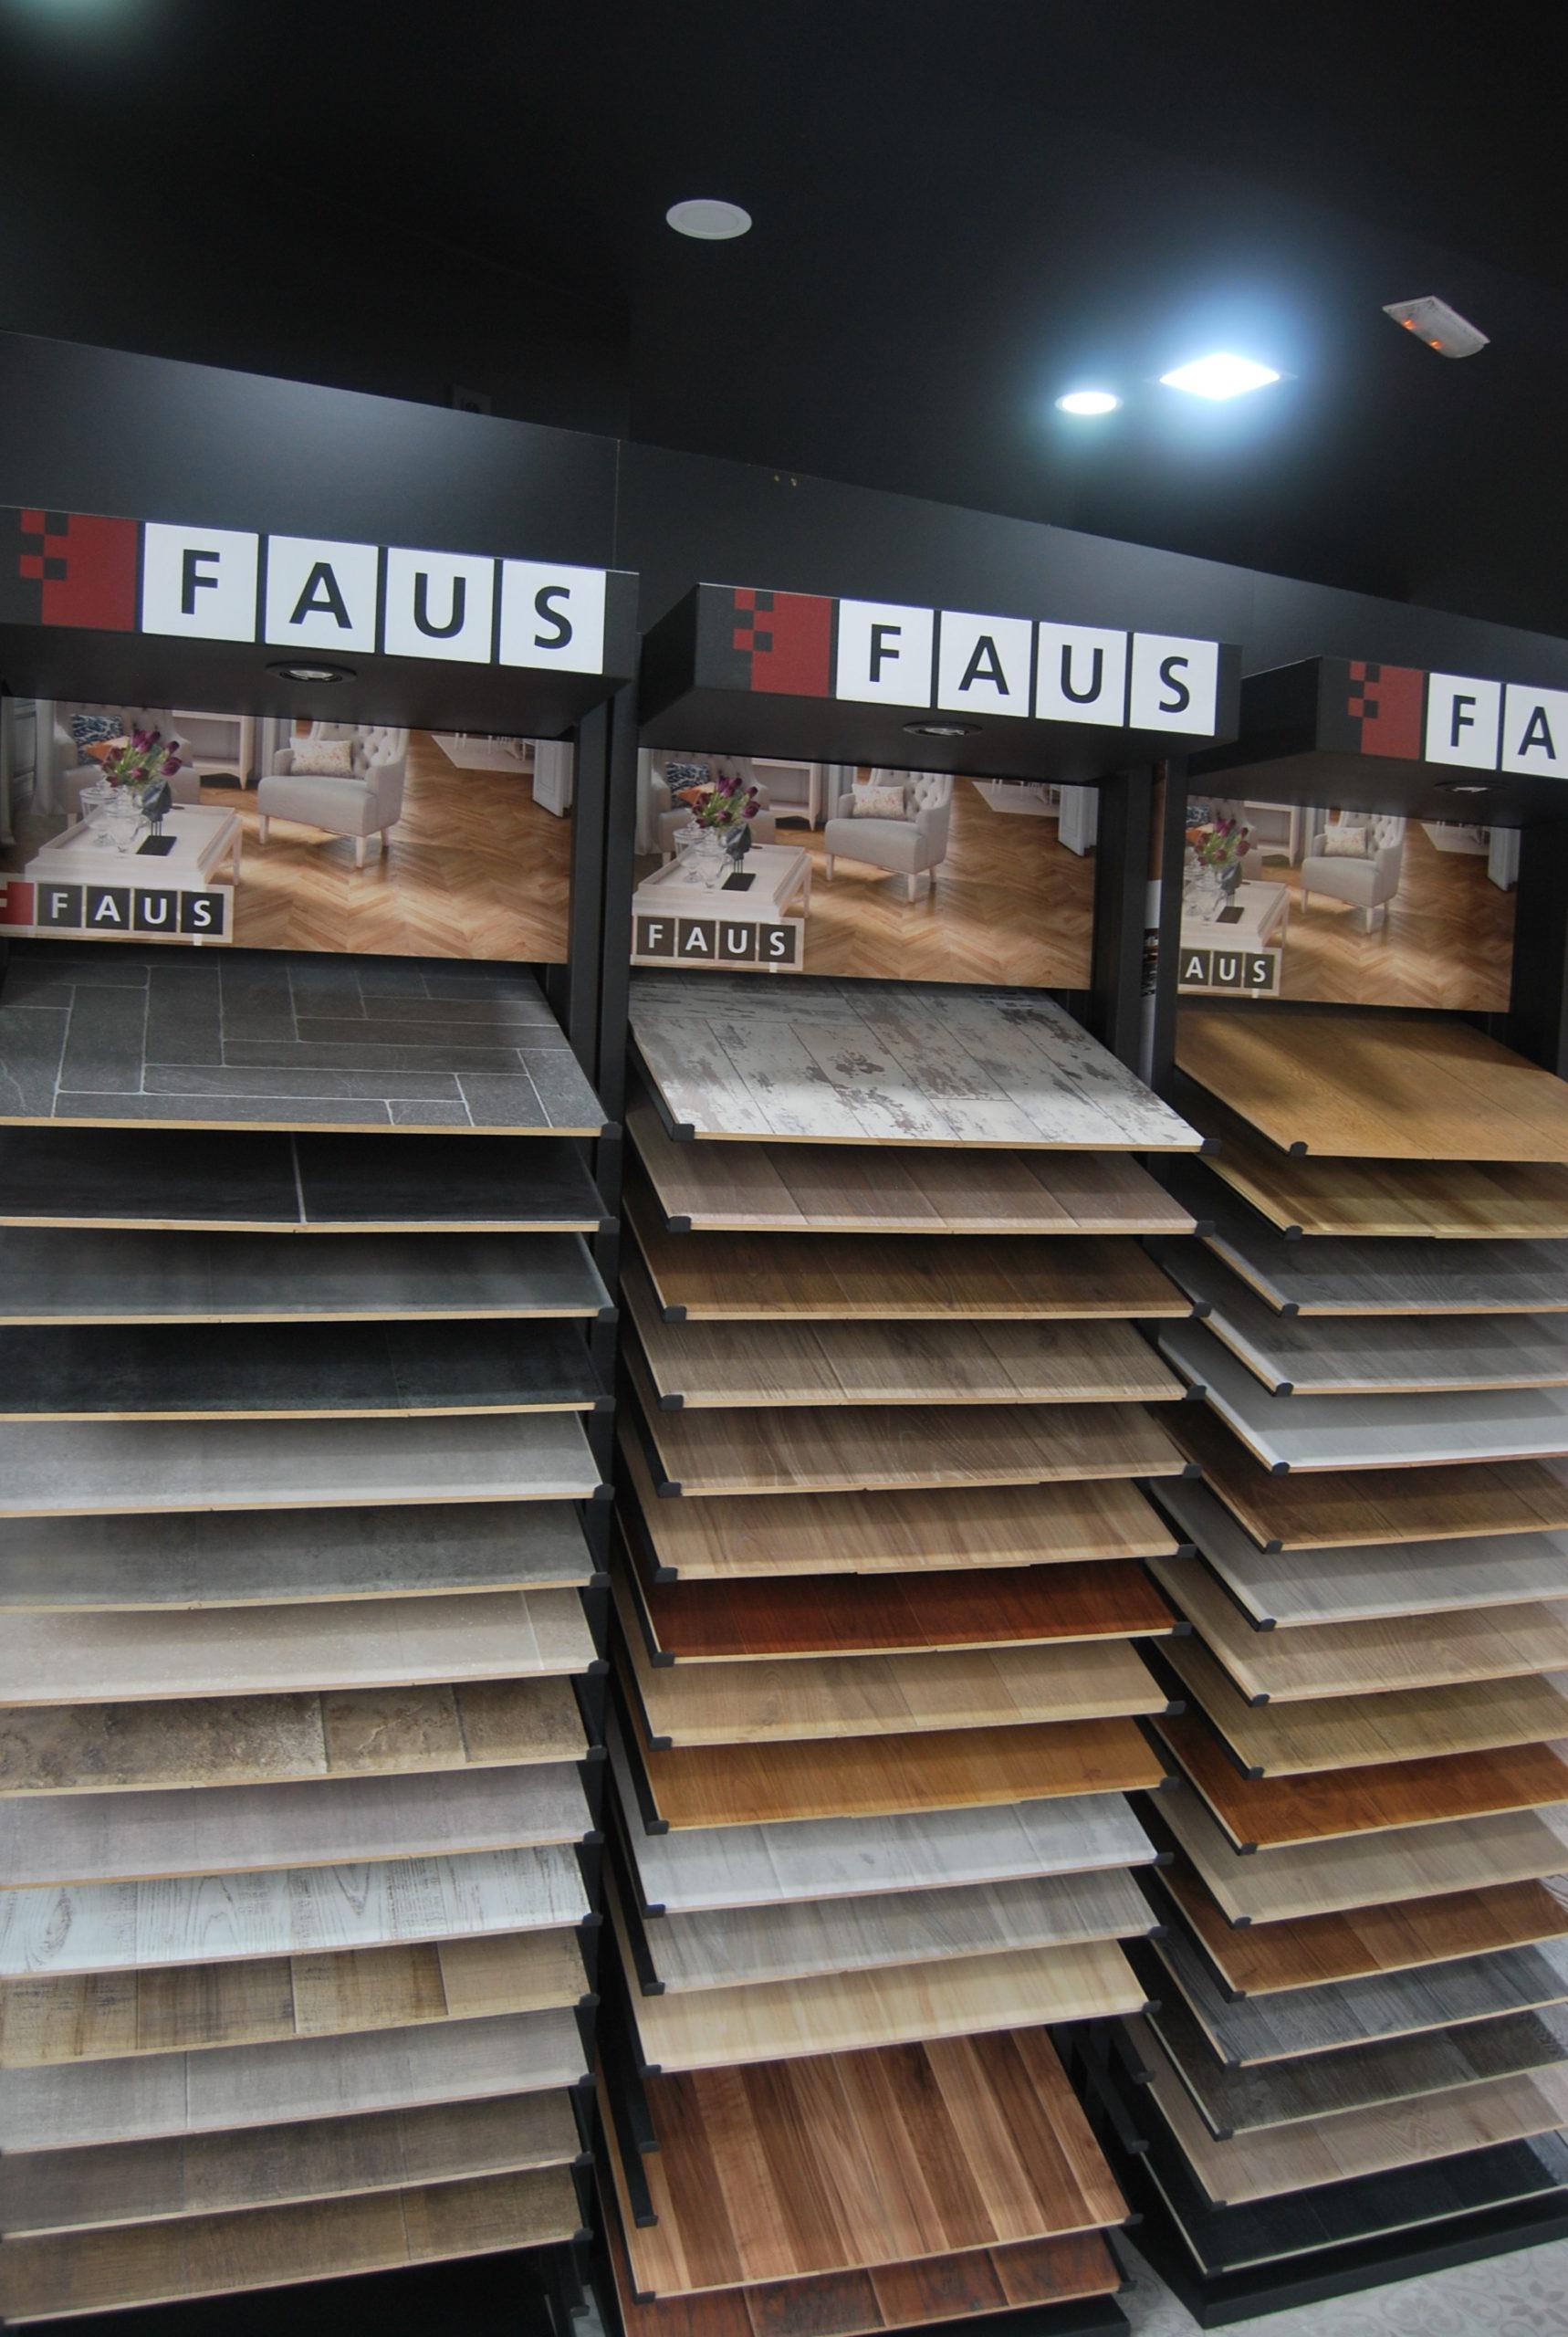 carpinteria-luis-fuente-suelos-de-madera-burgos-españa-taller-madera-de-calidad-premium-muebles-compra-venta-marca-faus (4)